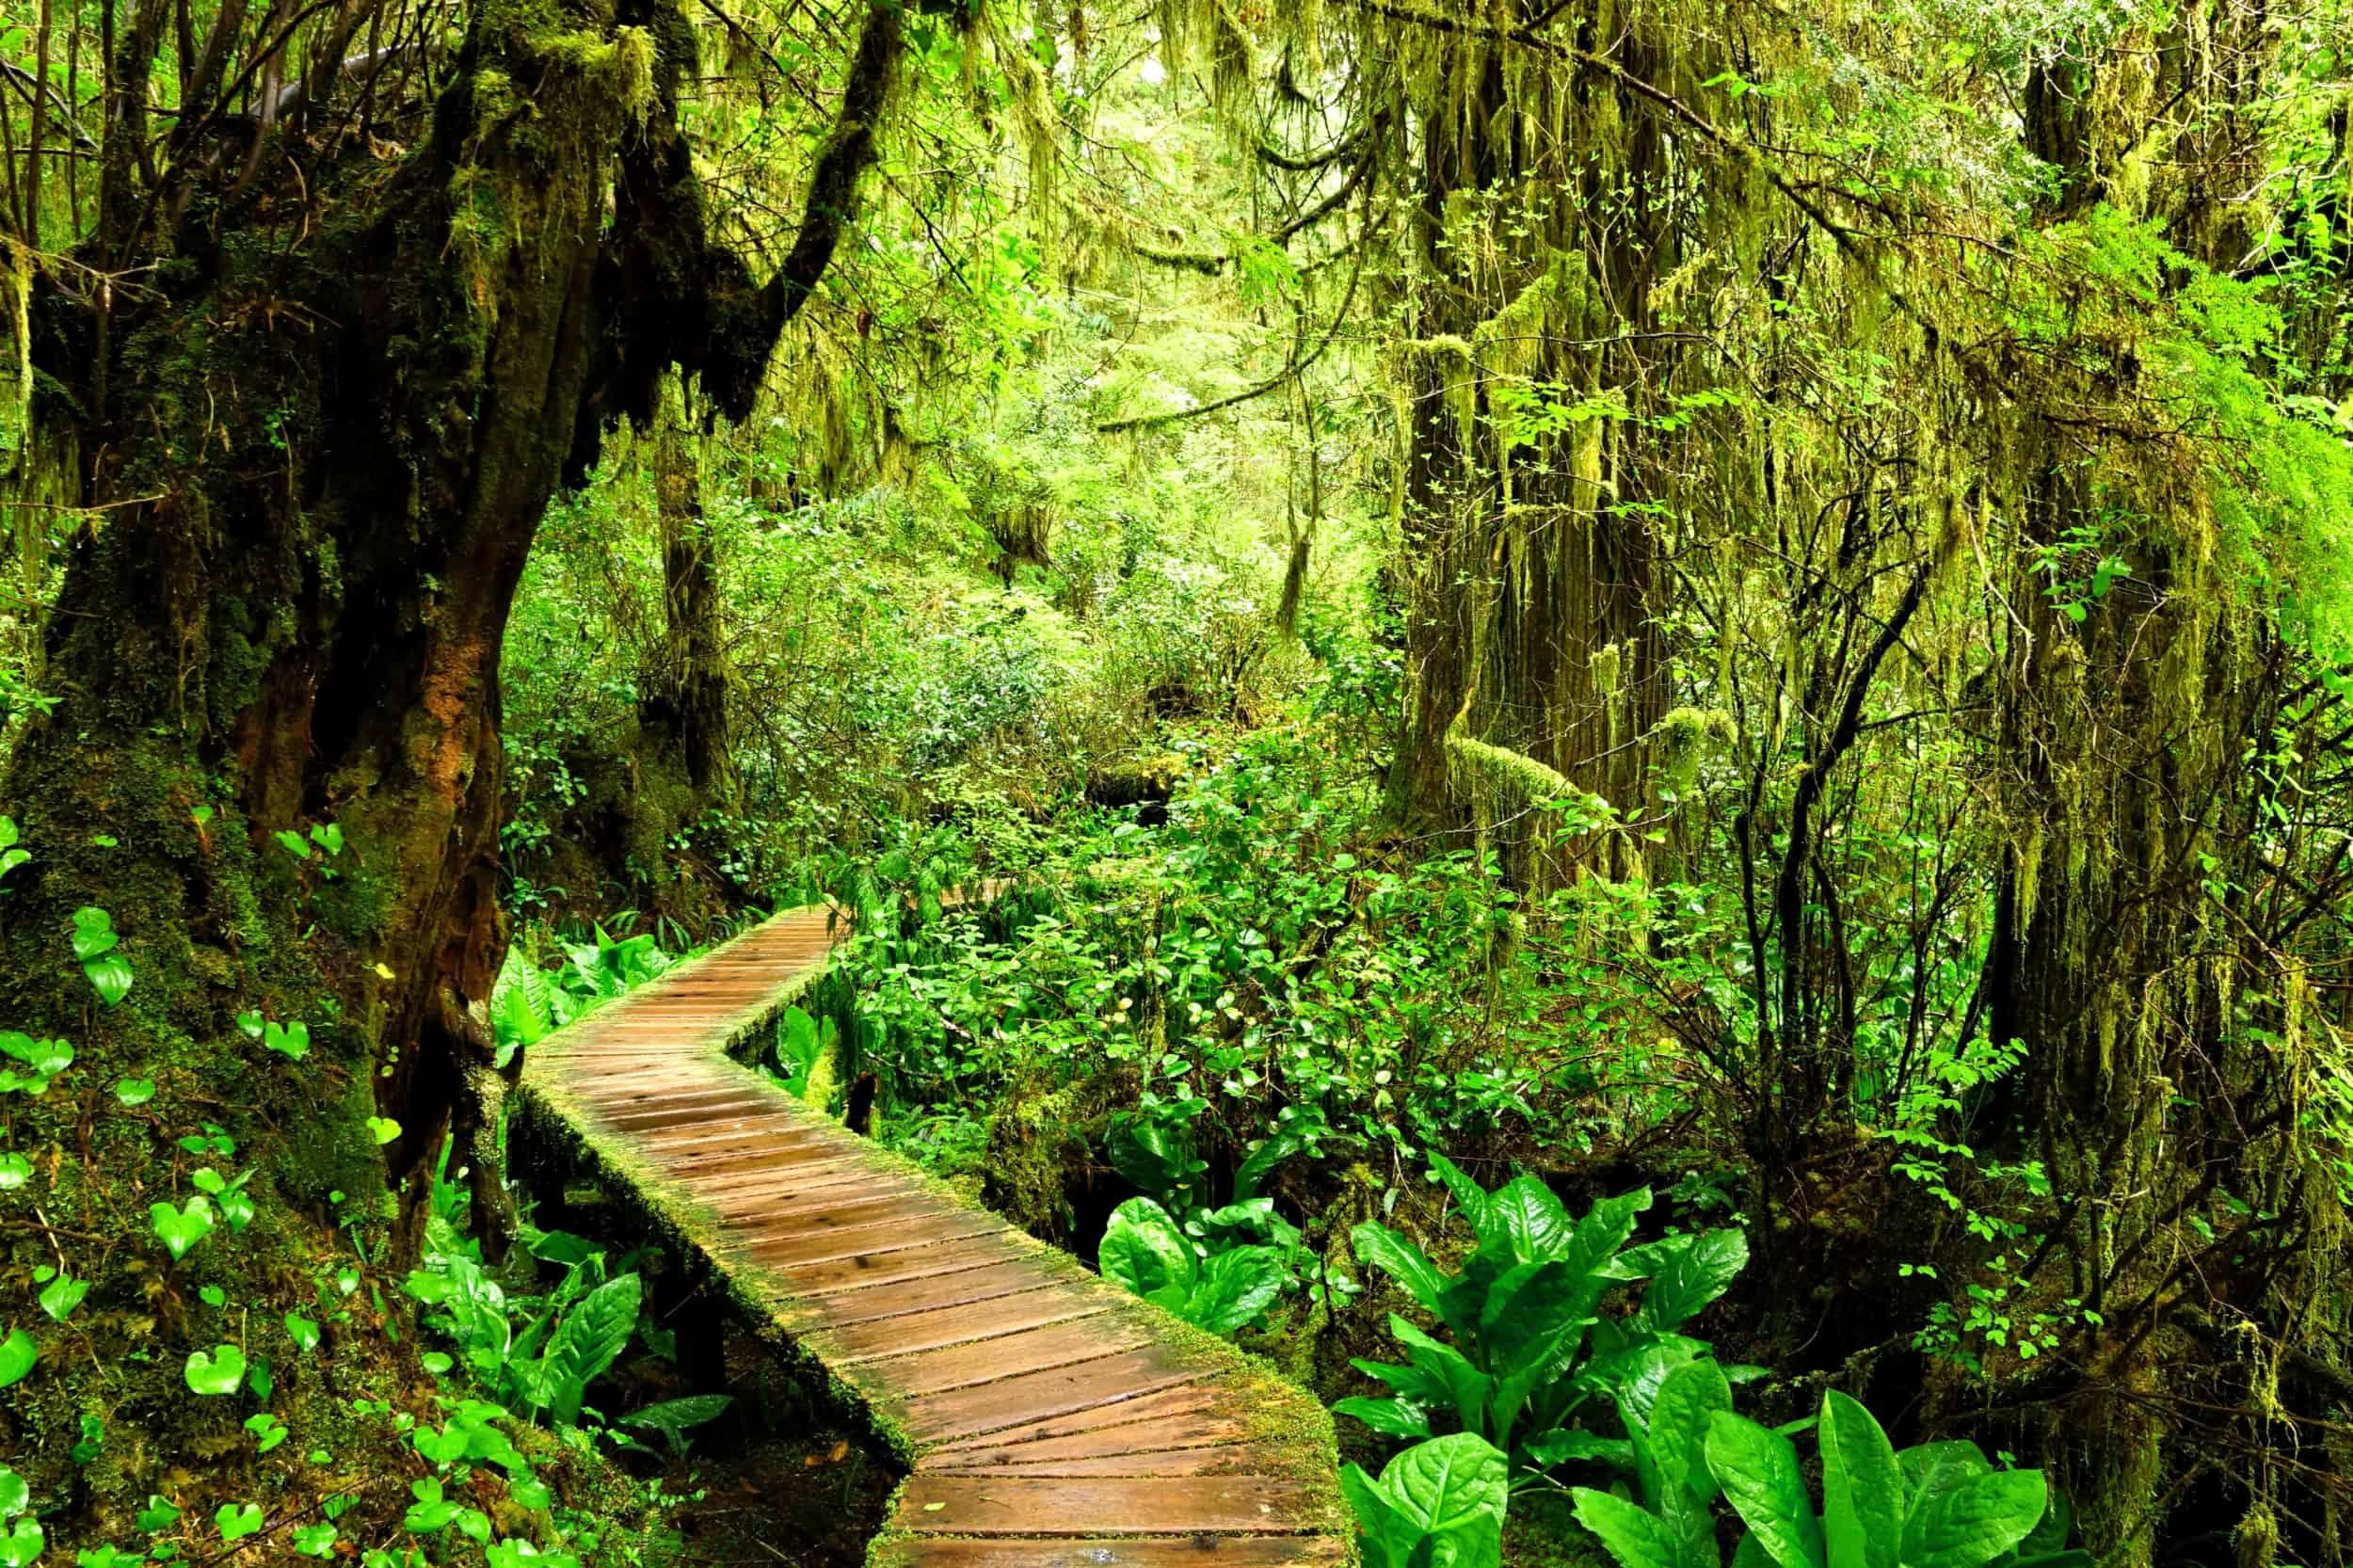 EinPfad führt durch den grünen Regenwald ds pacifim Rim Nationalparks in Kanada